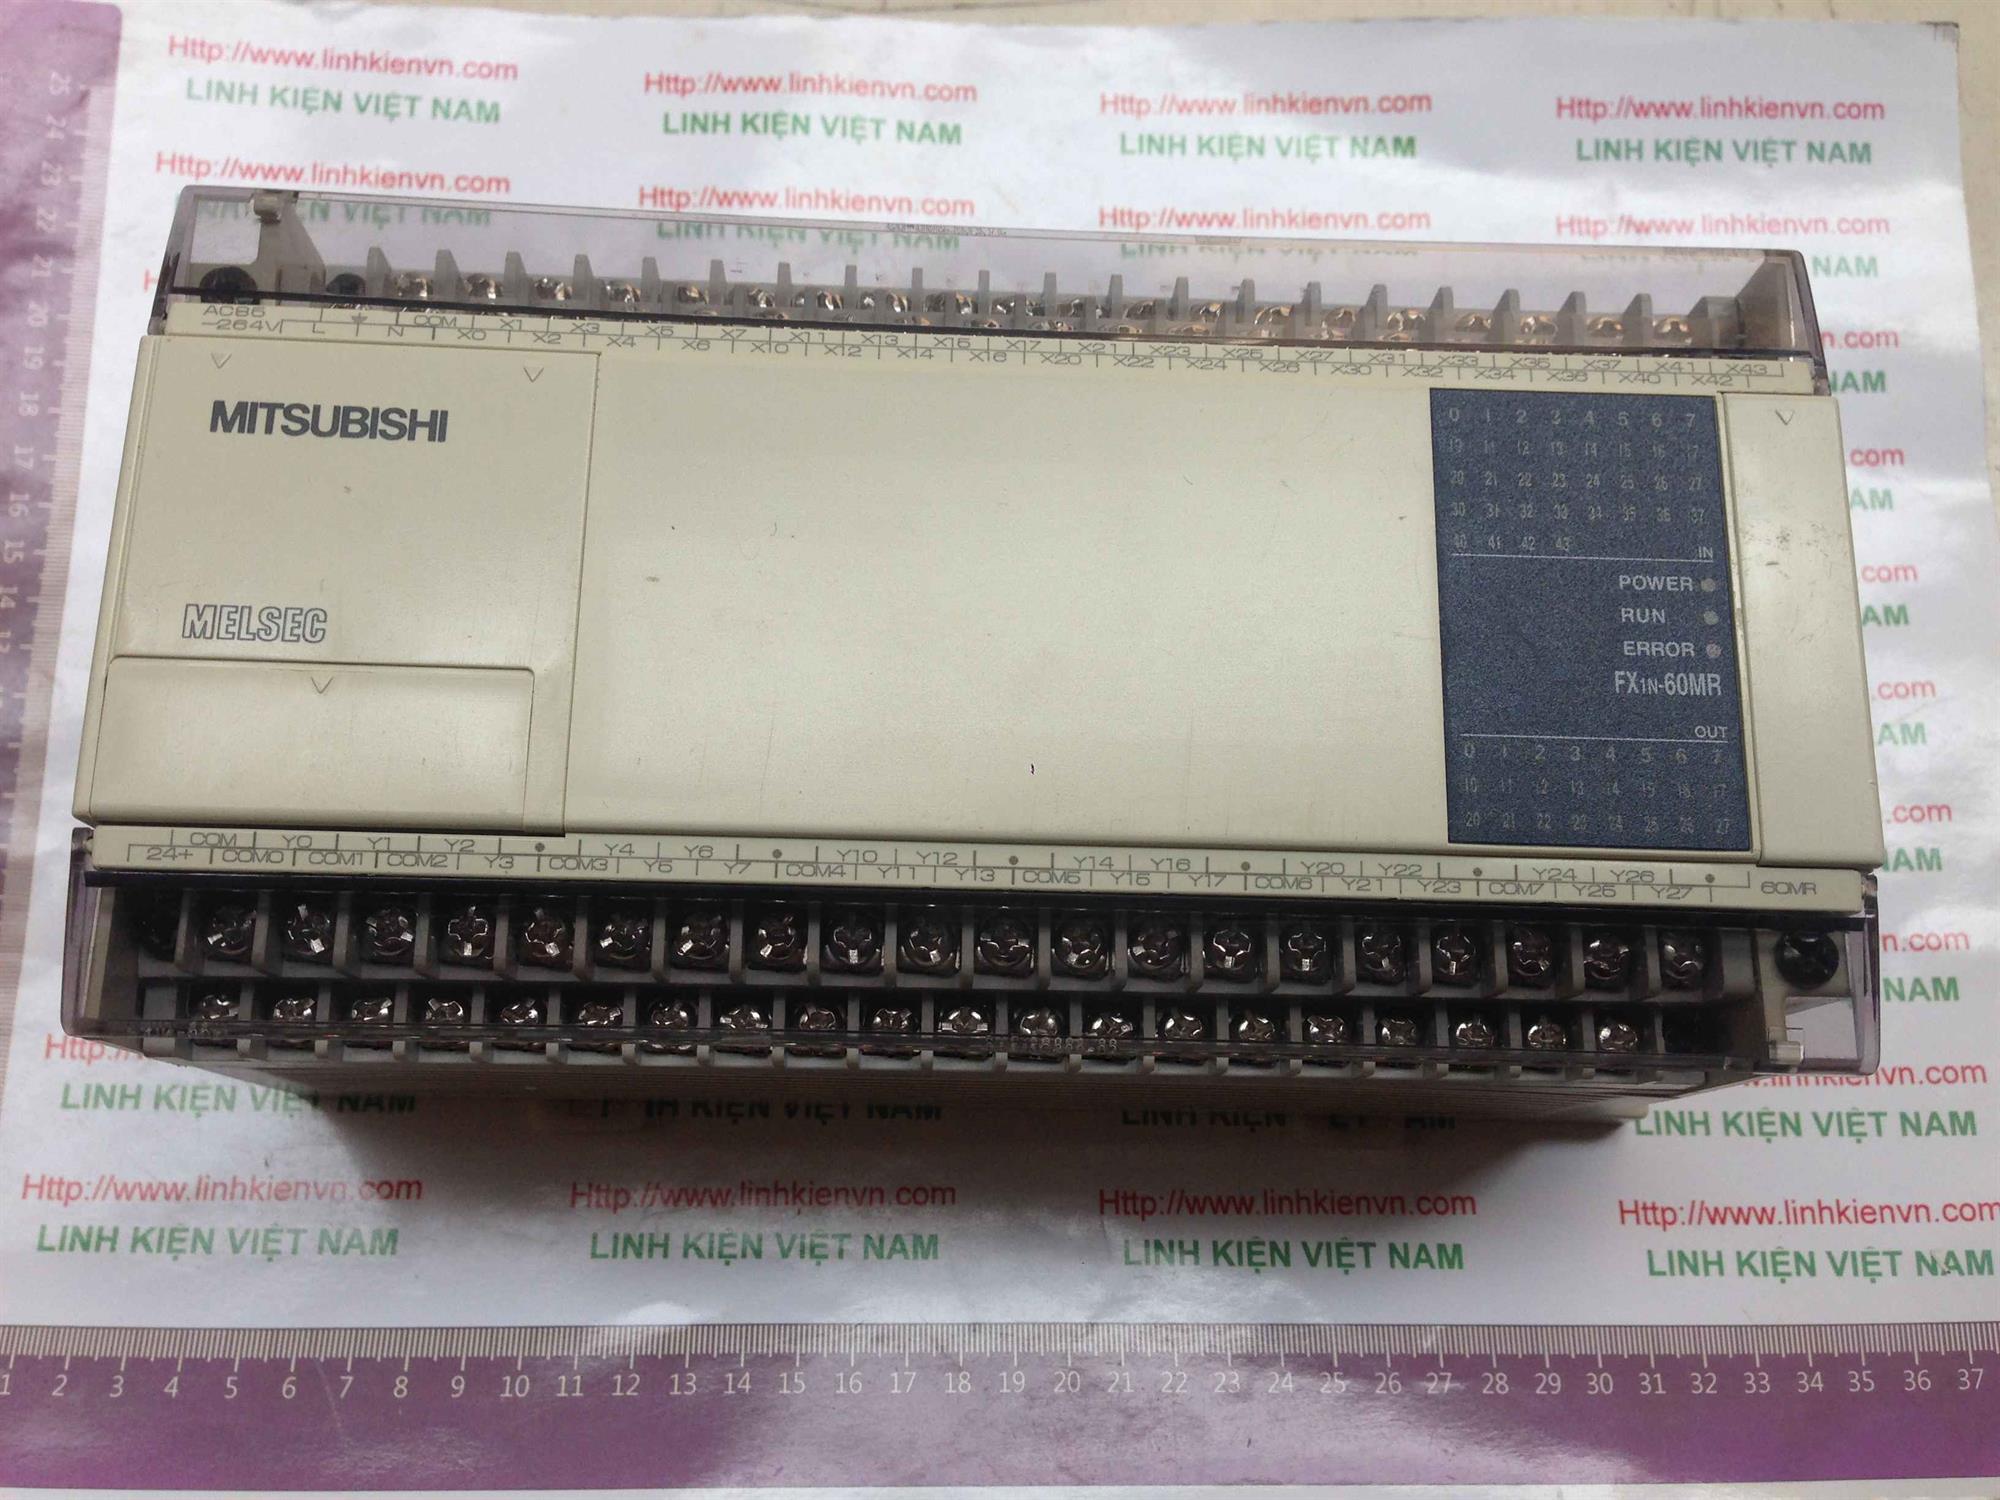 PLC FX1N-60MR FX1N60MR - KHO B